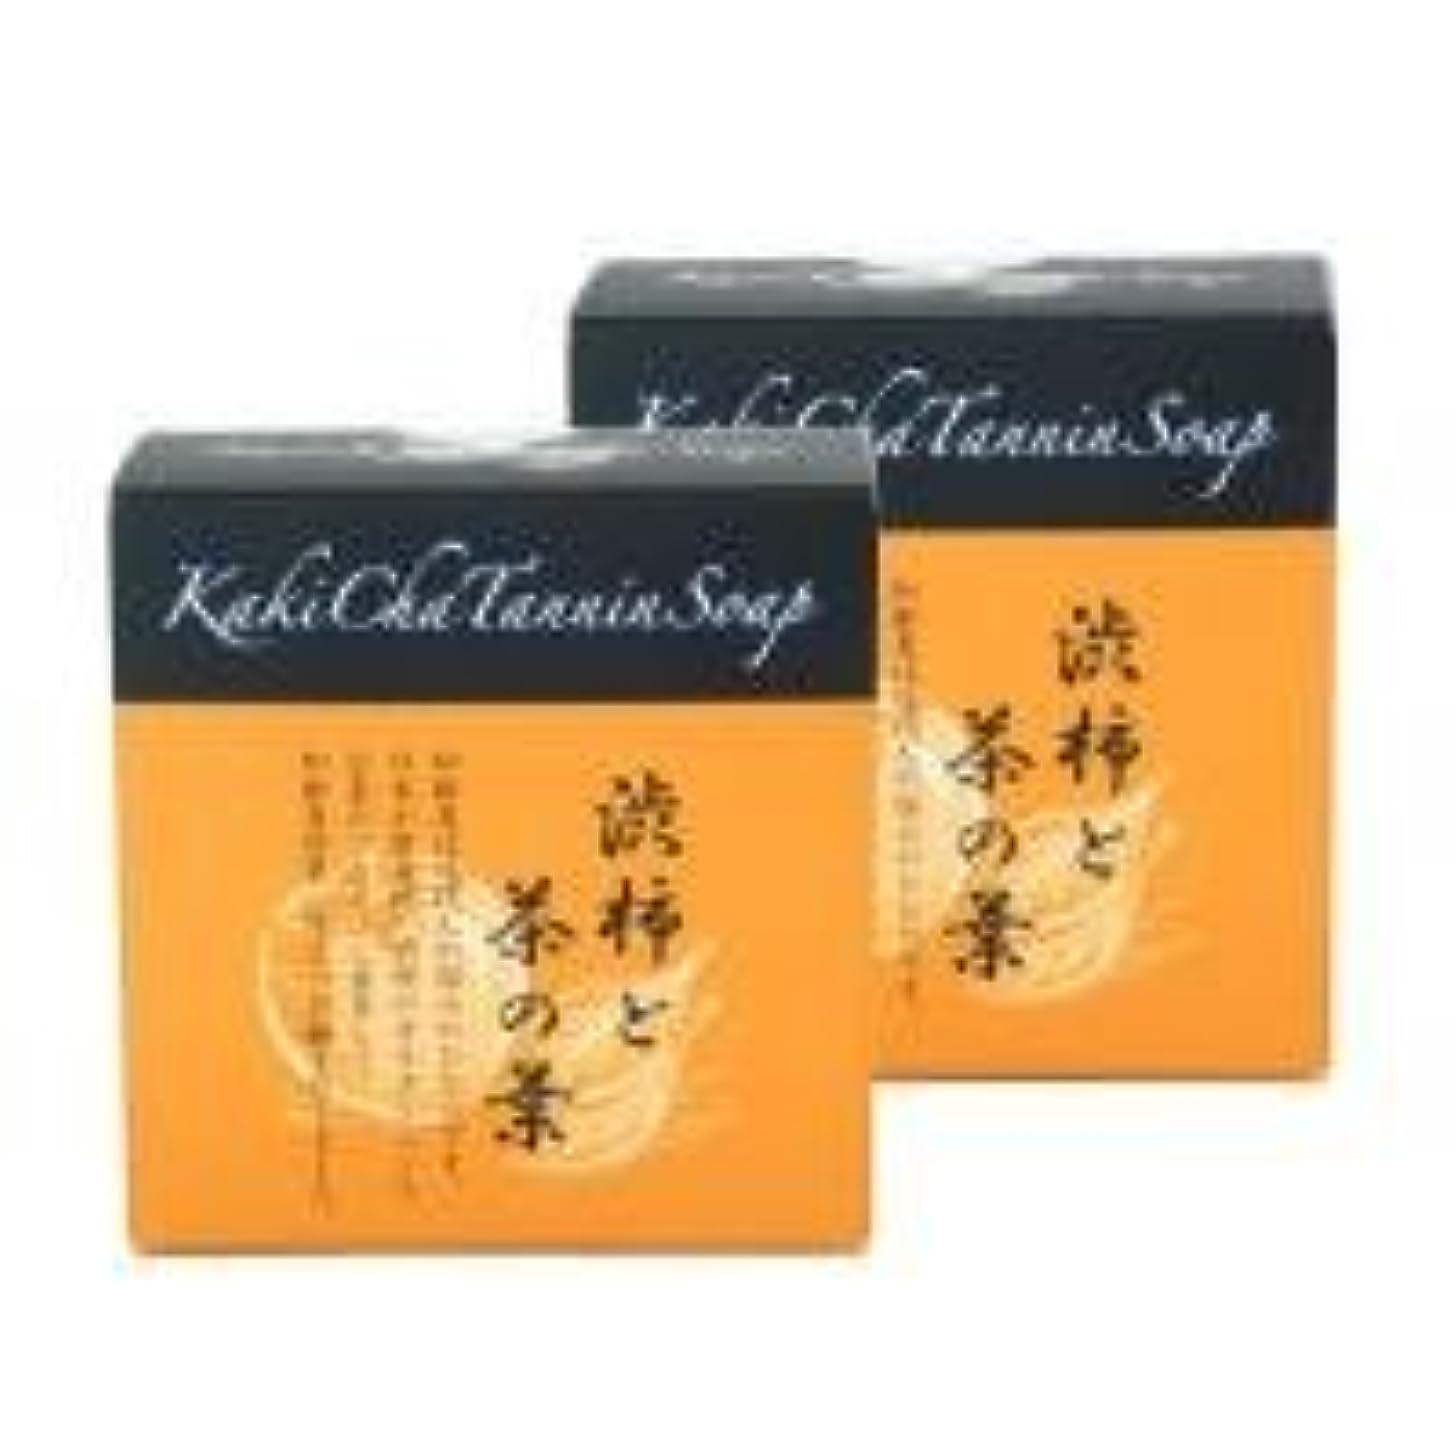 喪フルーツ戻る柿茶タンニンソープ(100g)×2個 K00024W